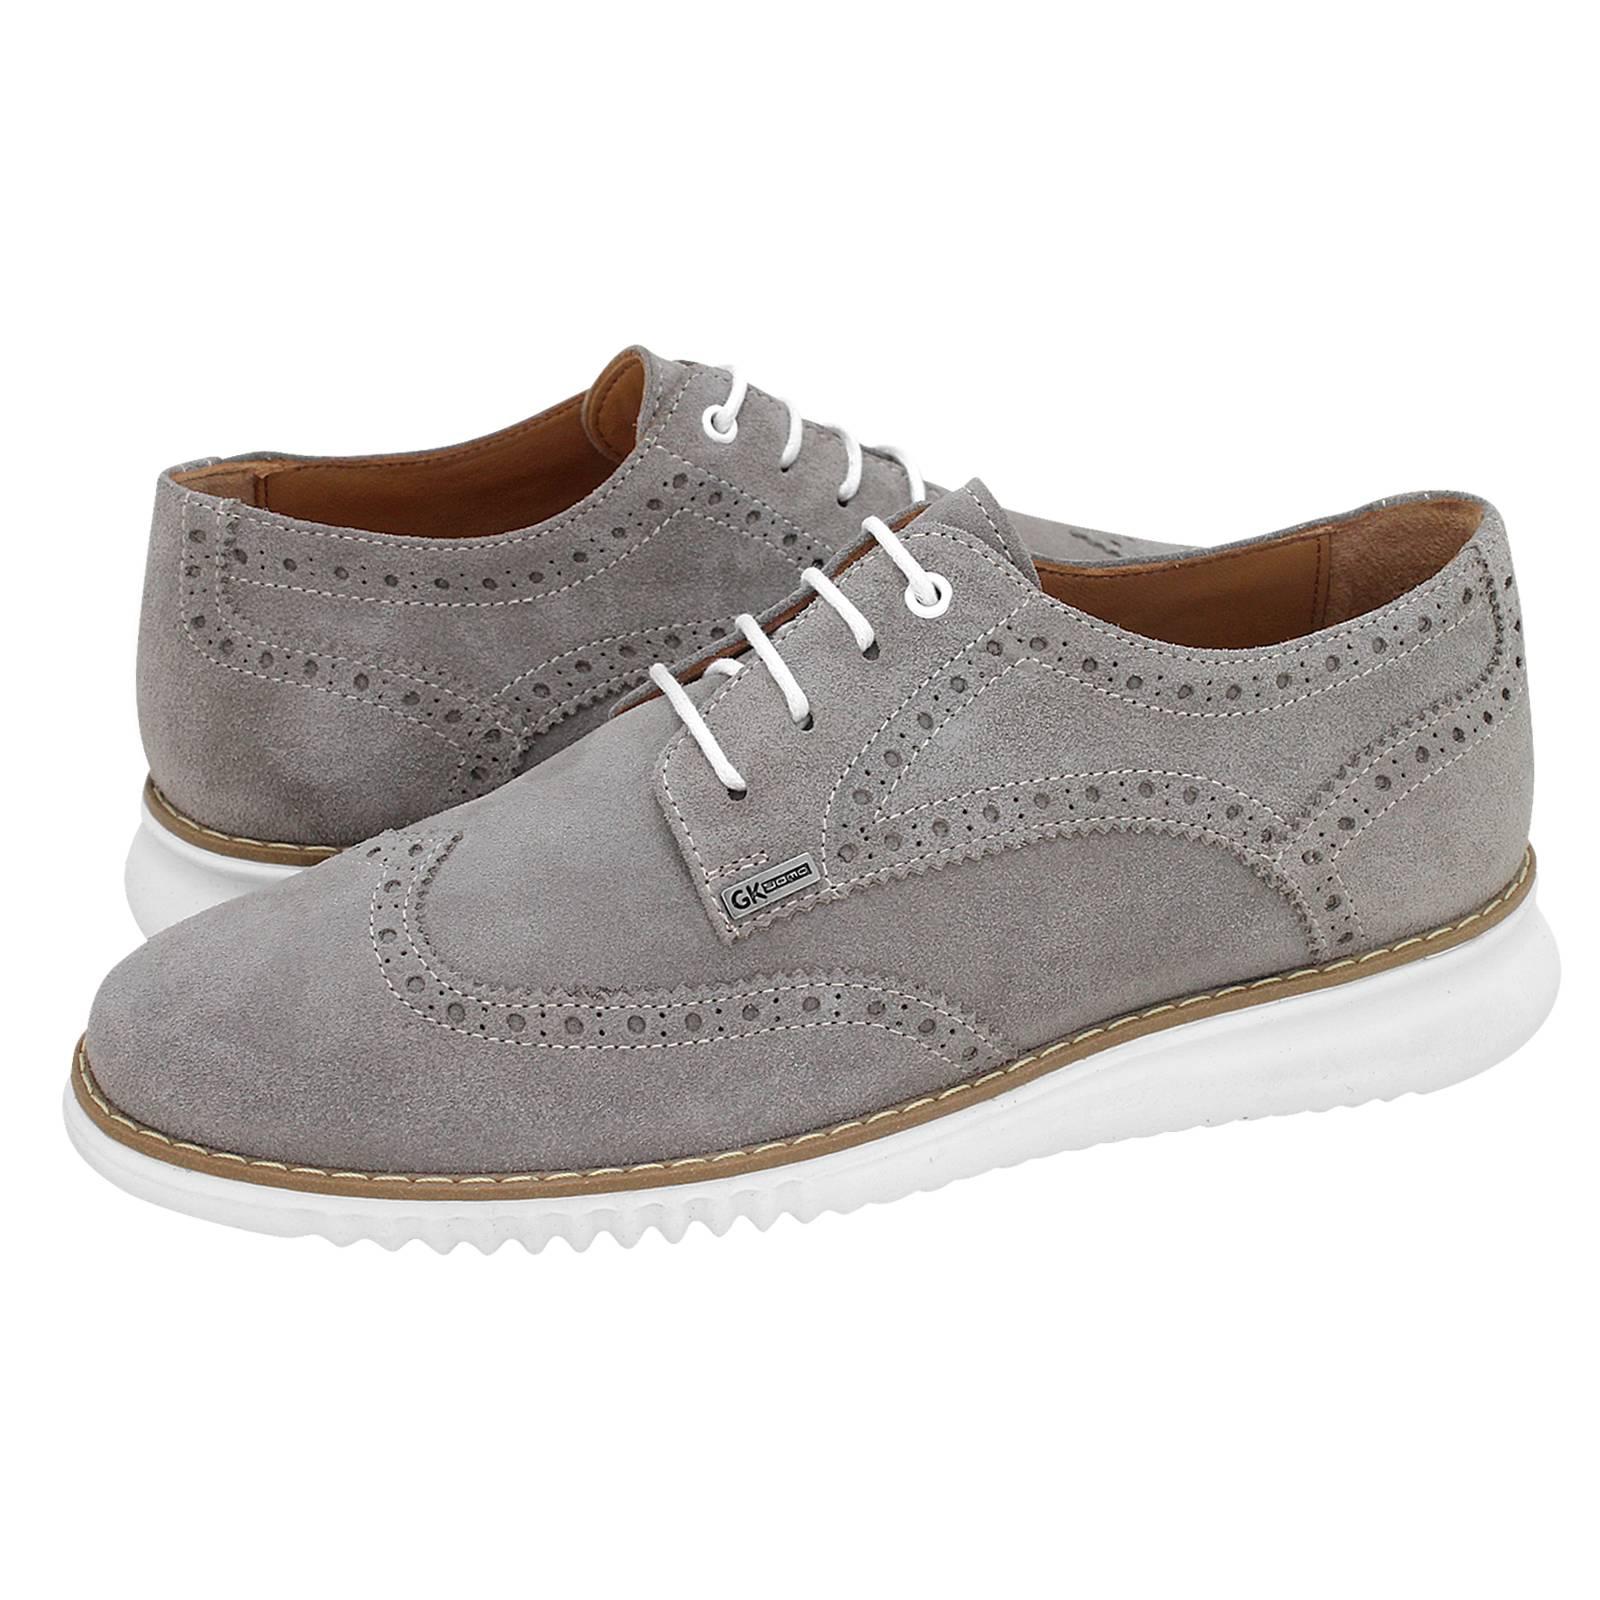 b6e54fd583b Smilde - Ανδρικά δετά παπούτσια GK Uomo από καστορι - Gianna Kazakou ...